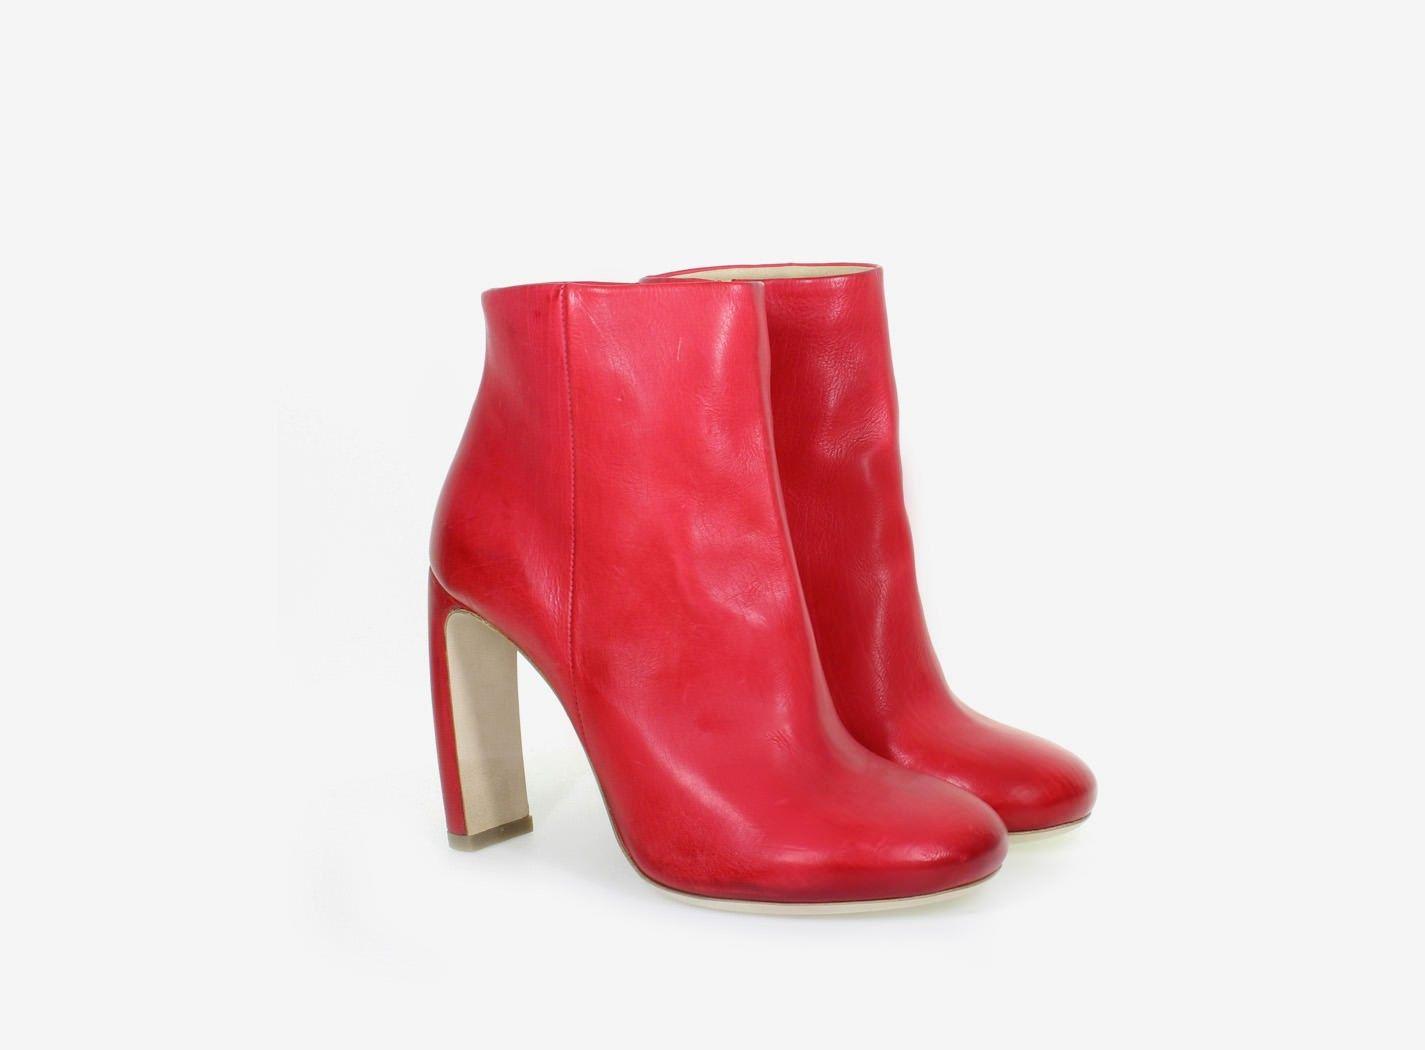 bottines rouges talon incurvé - vic matiÉ | chaussures femme